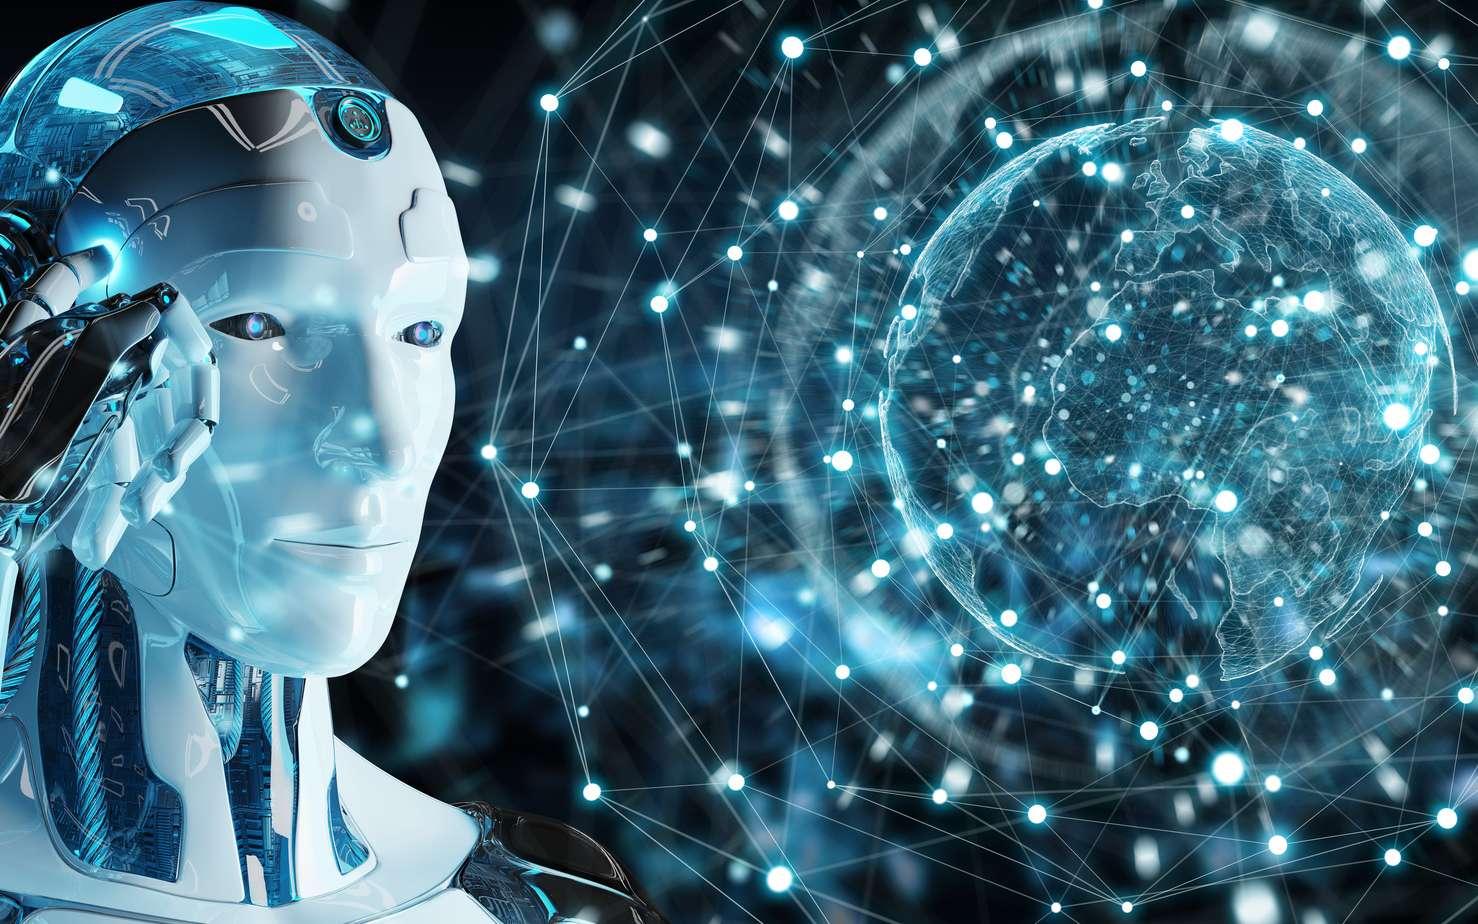 Bientôt les Robots deviennent indispensables. Régulant l'économie, les flux de circulation, les infrastructures, ils font partie intégrante de nos vies. © sdecoret, Fotolia